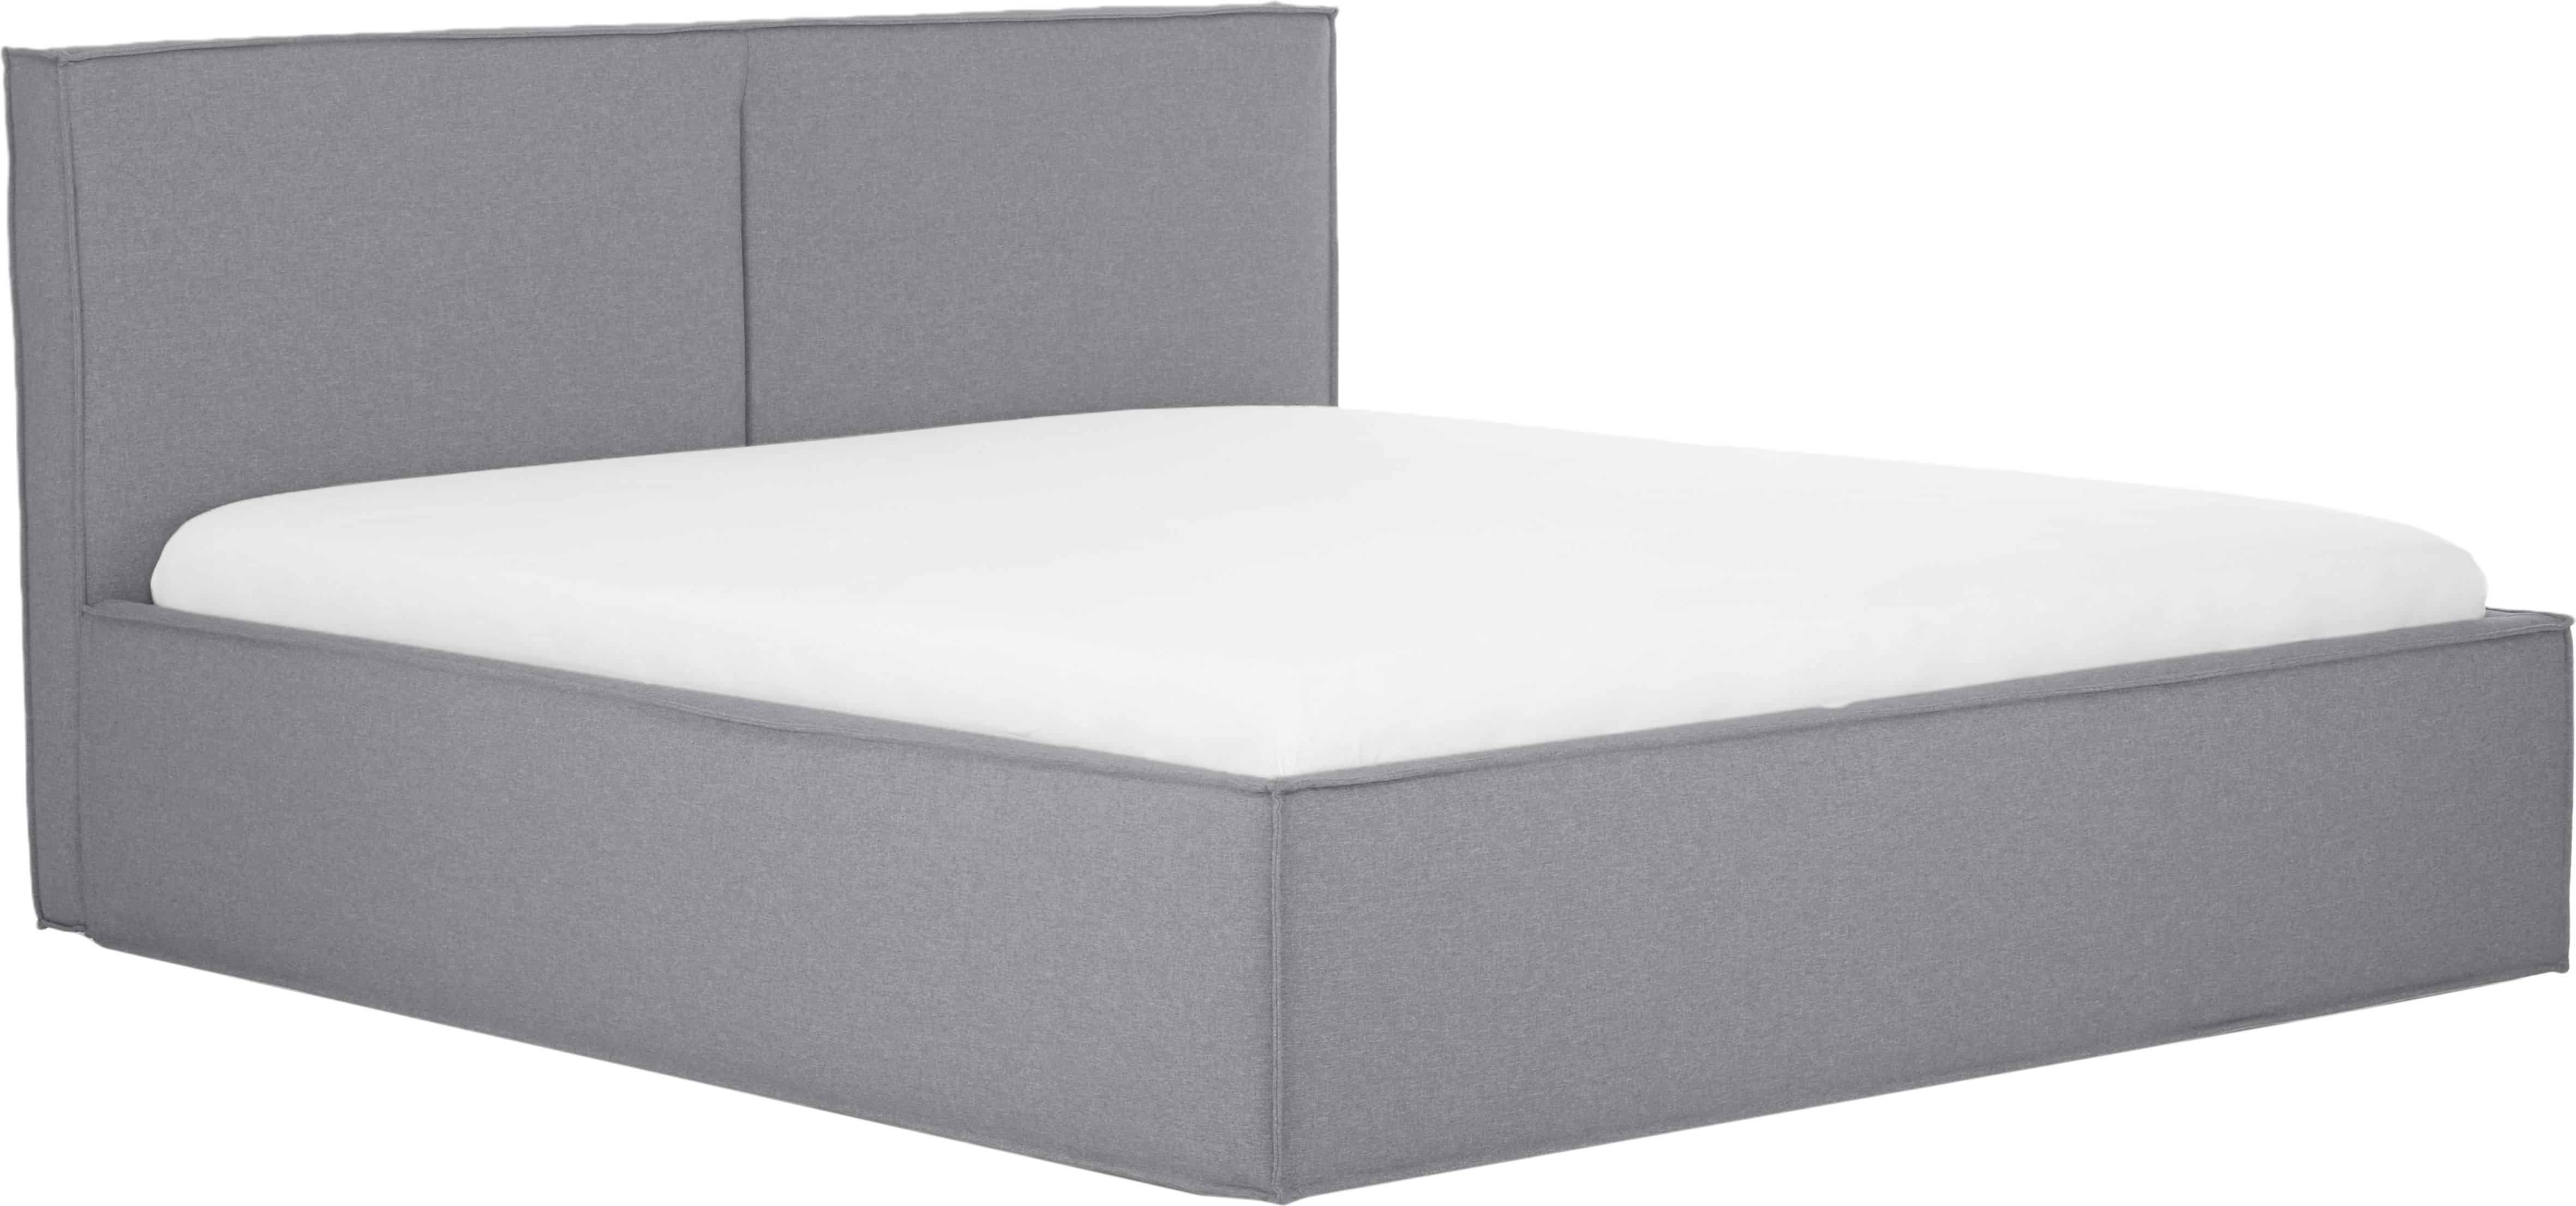 Łóżko tapicerowane Dream, Korpus: lite drewno sosnowe, Tapicerka: poliester (materiał tekst, Szary, 180 x 200 cm